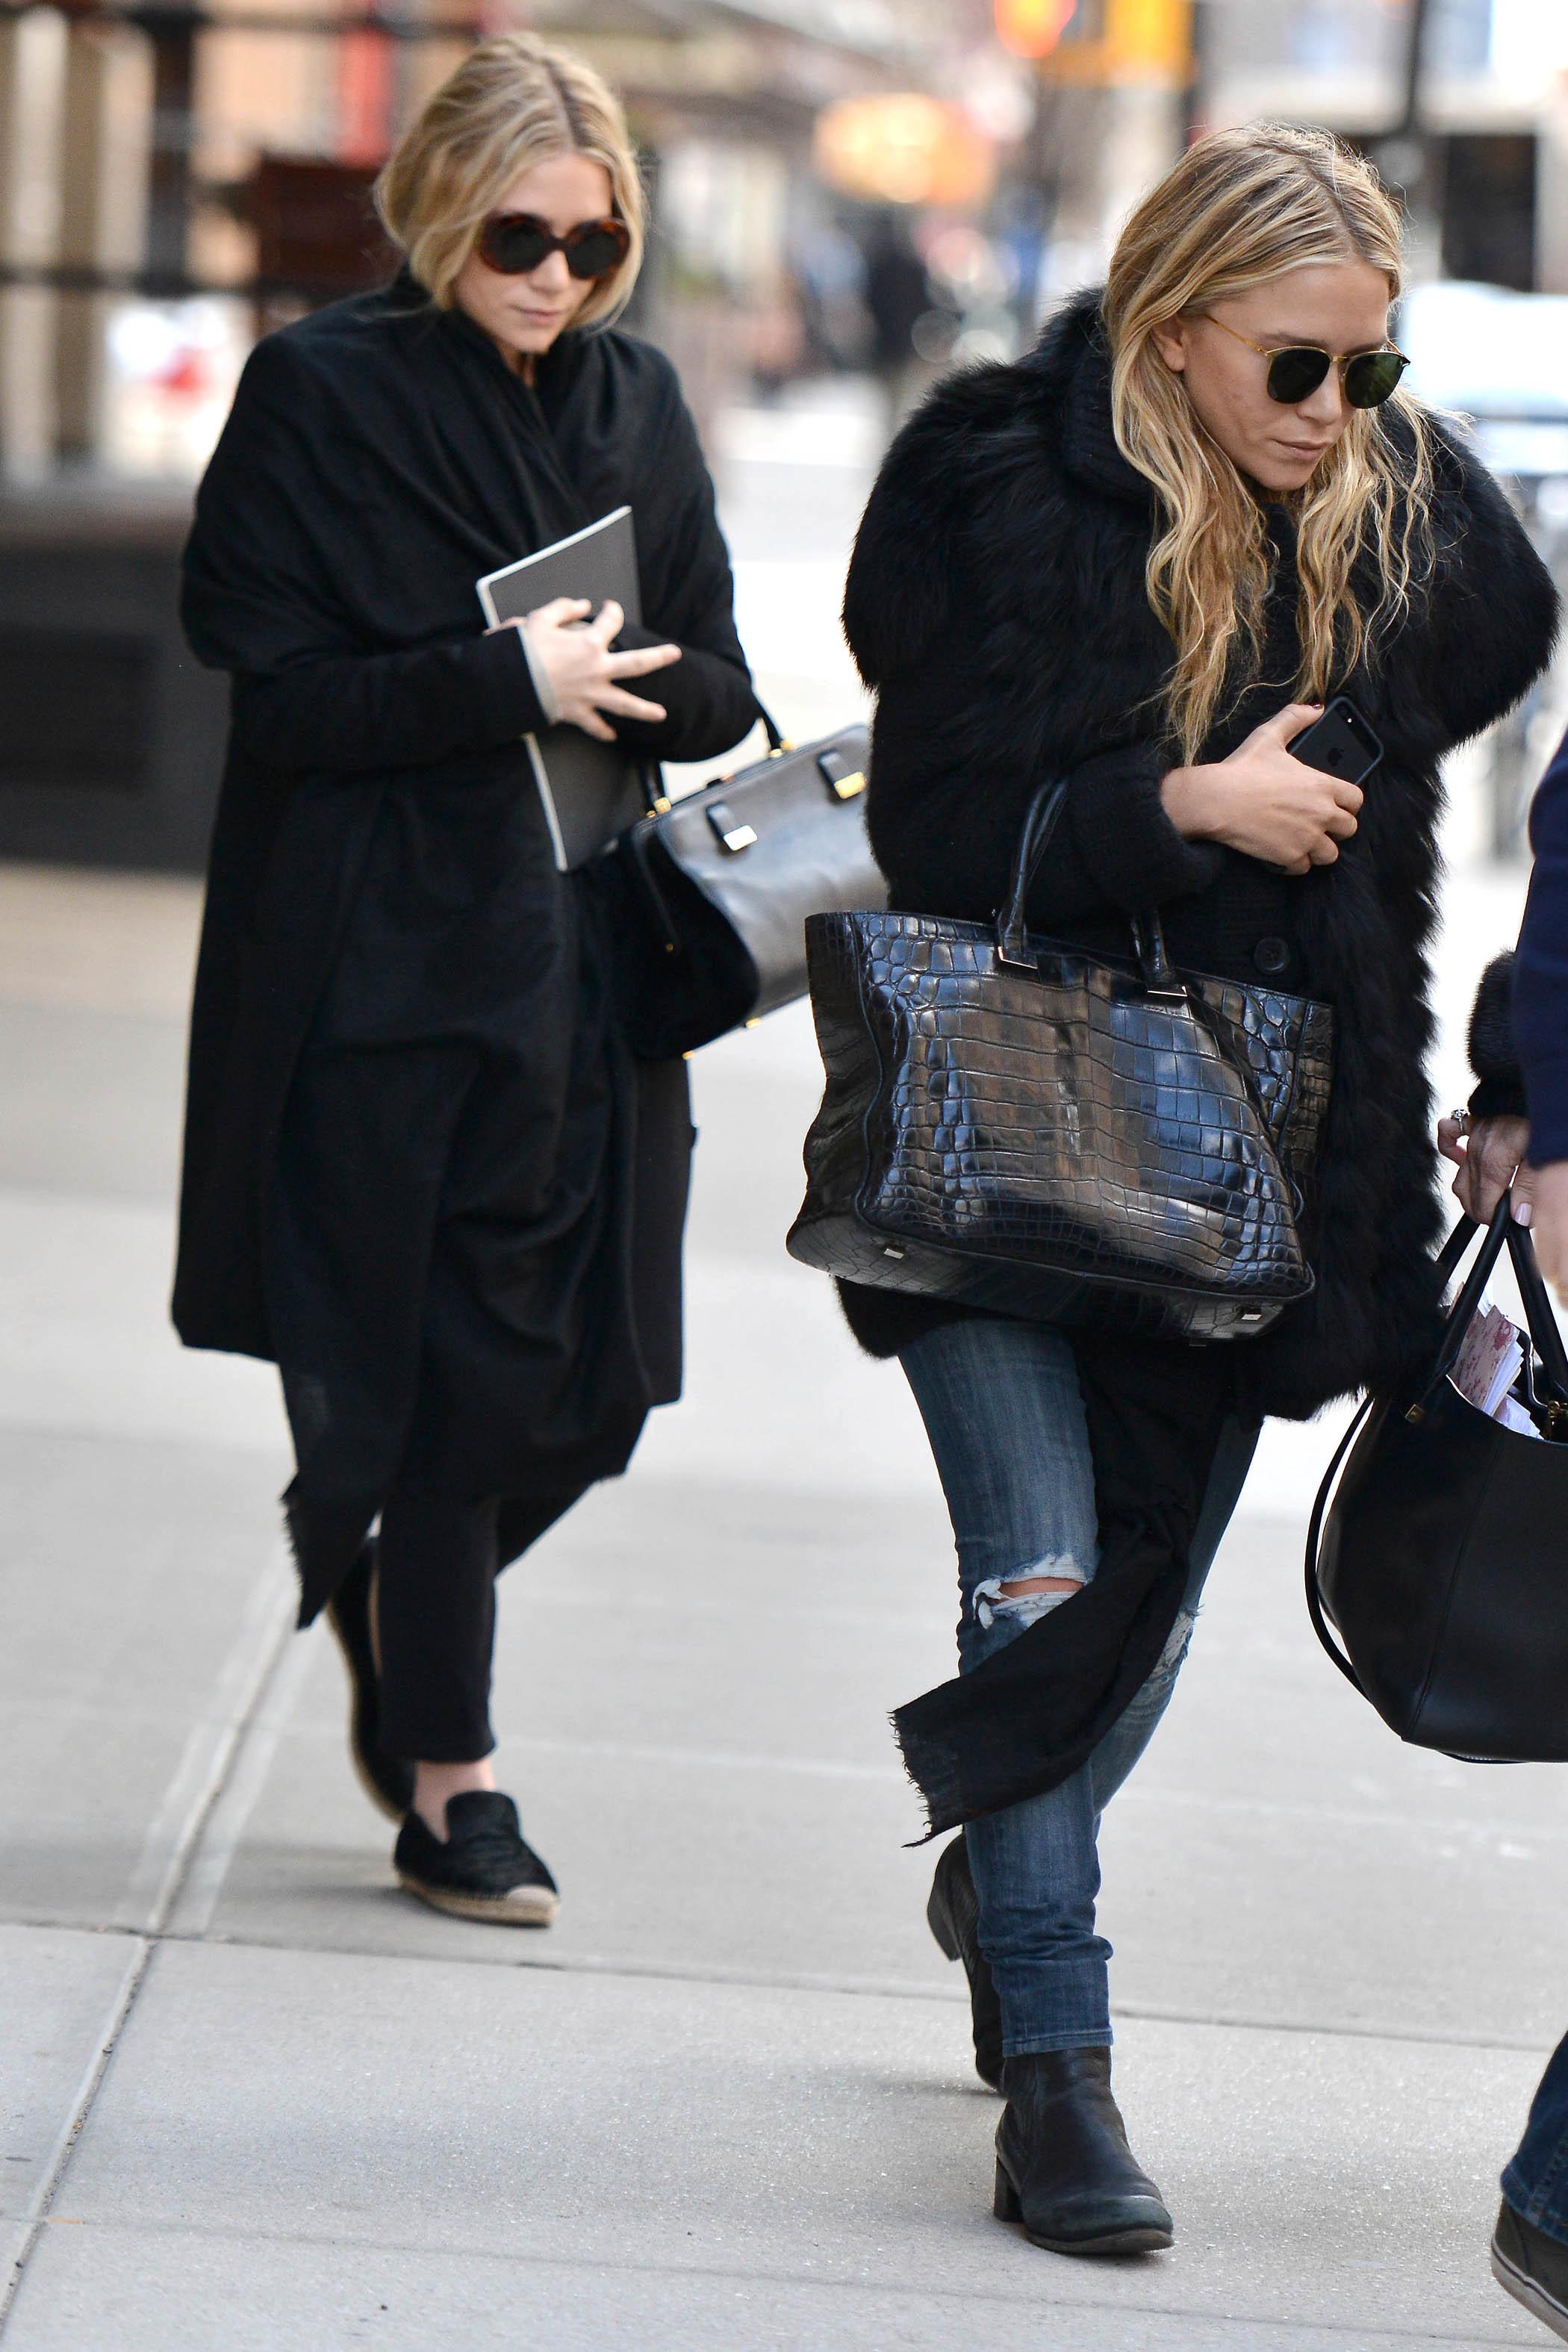 The Olsen twins street style